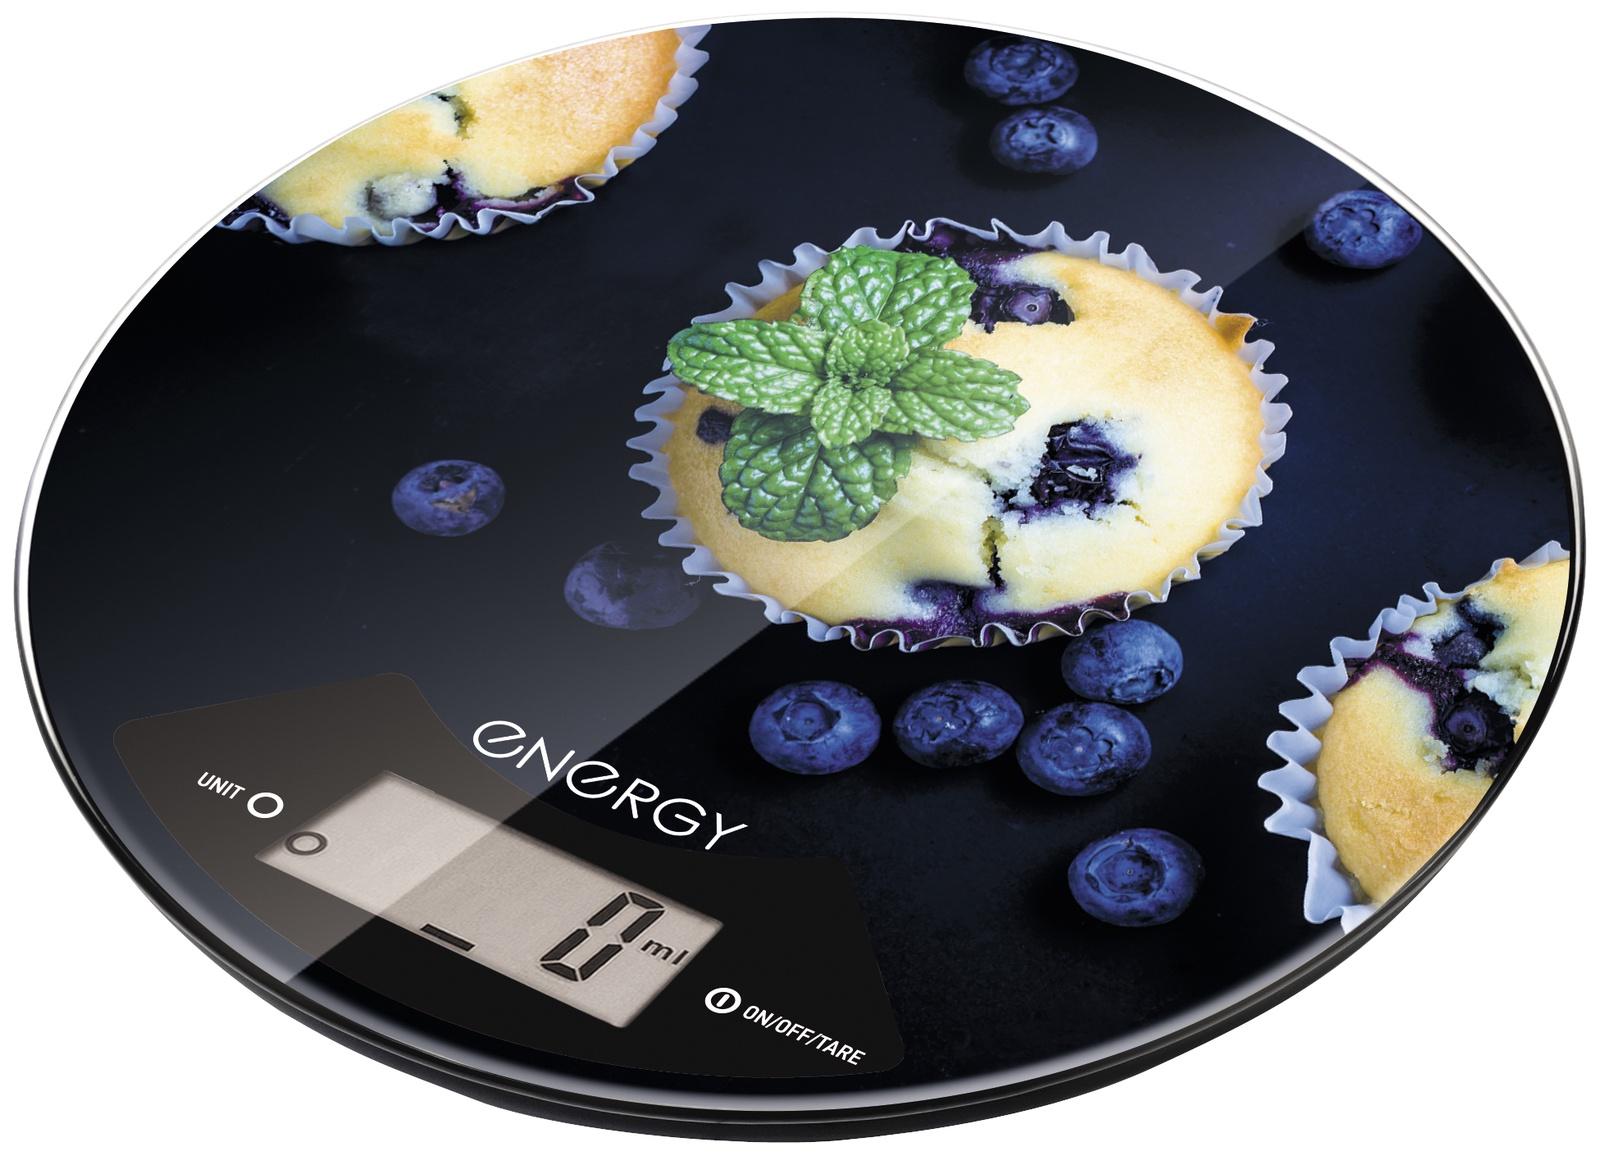 цена на Весы кухонные Energy Кексы, EN-403 электронные, круглые